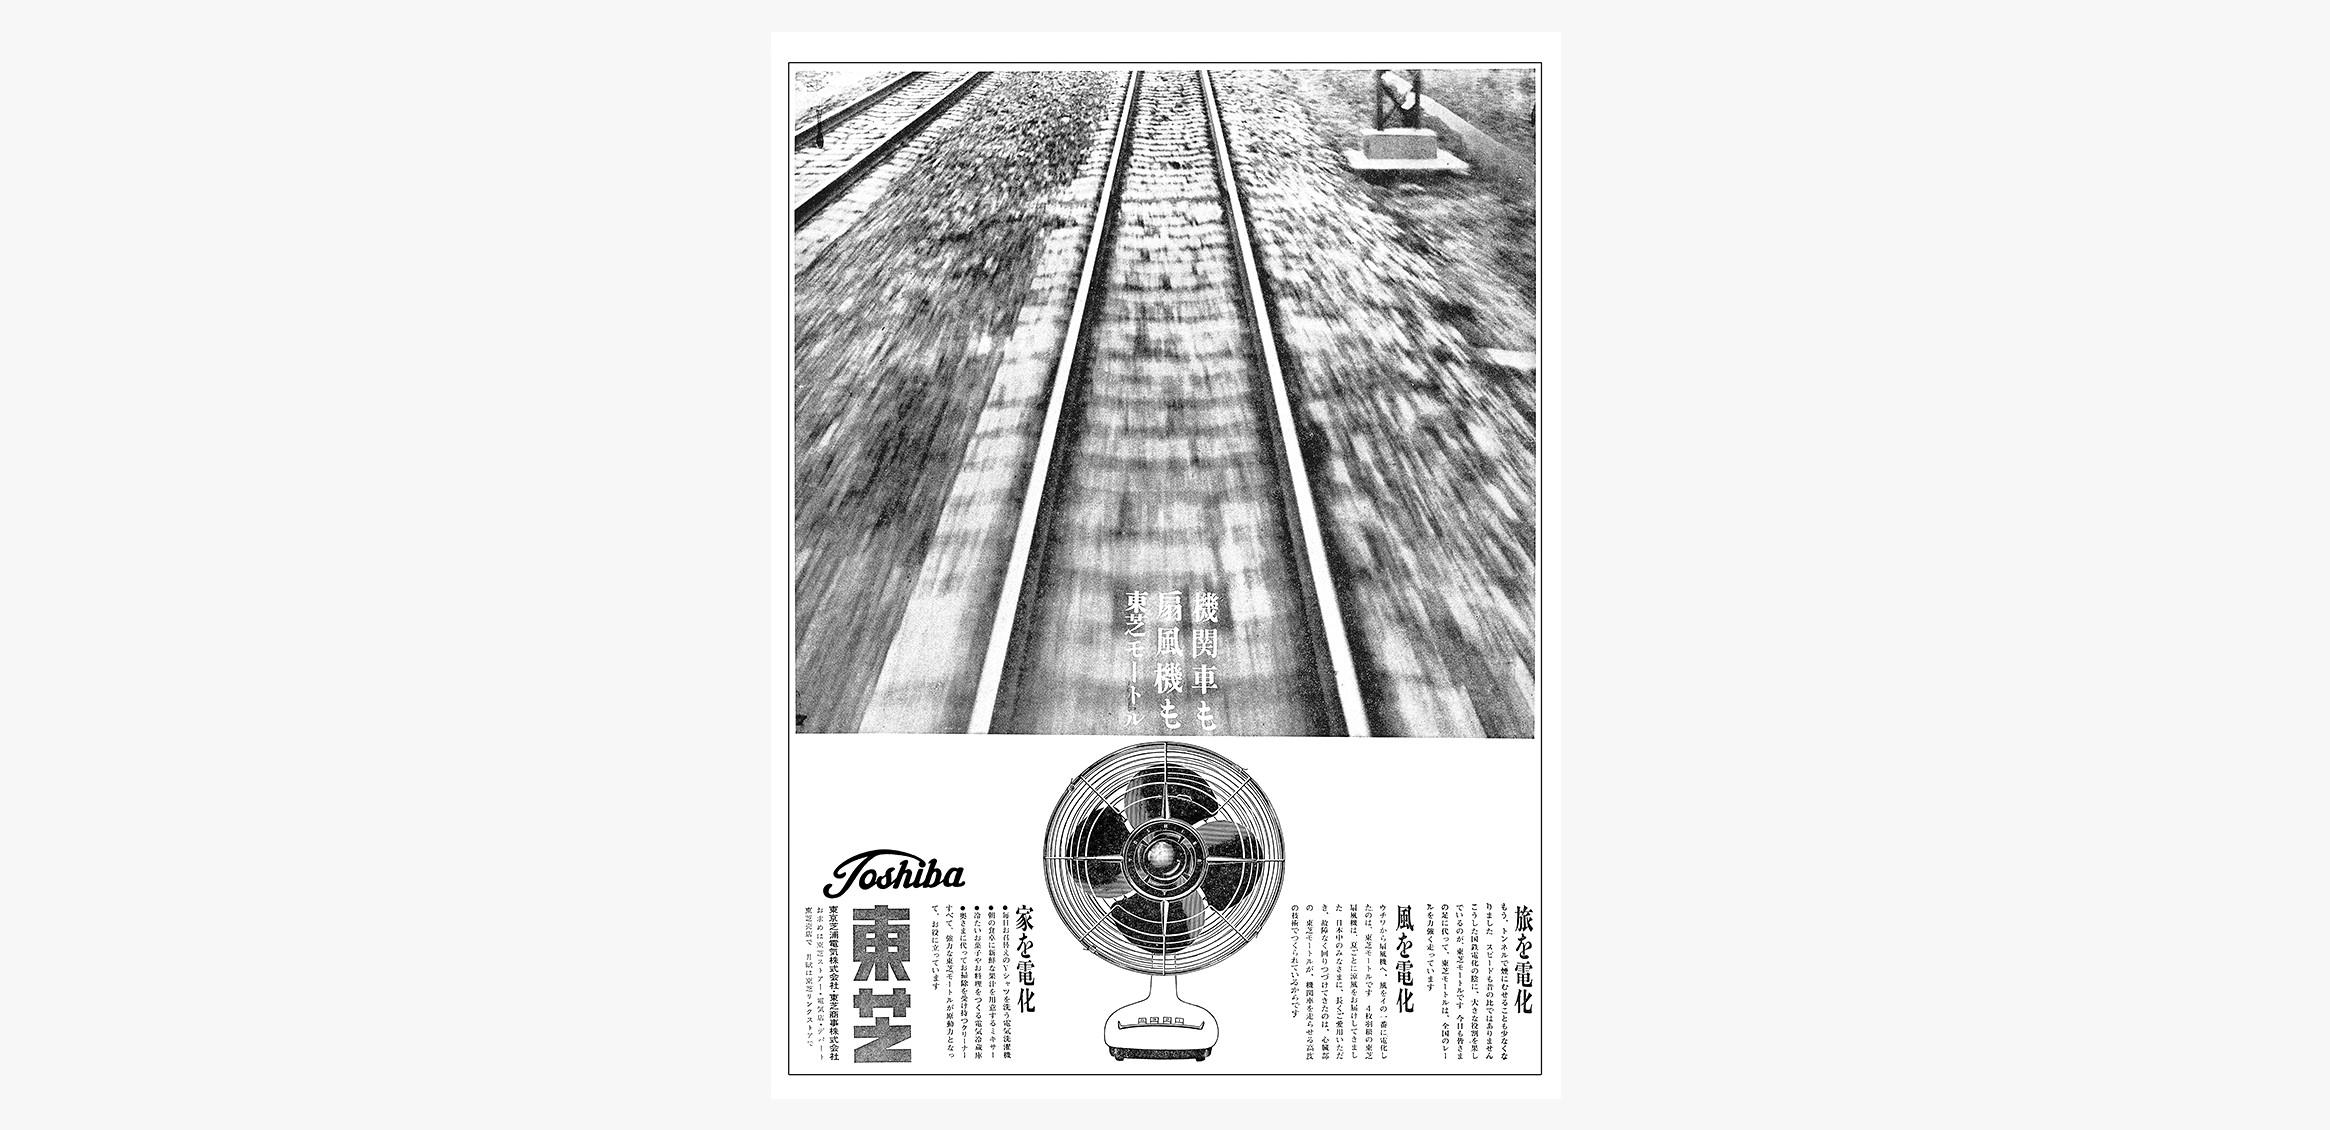 東芝 企業広告4枚目